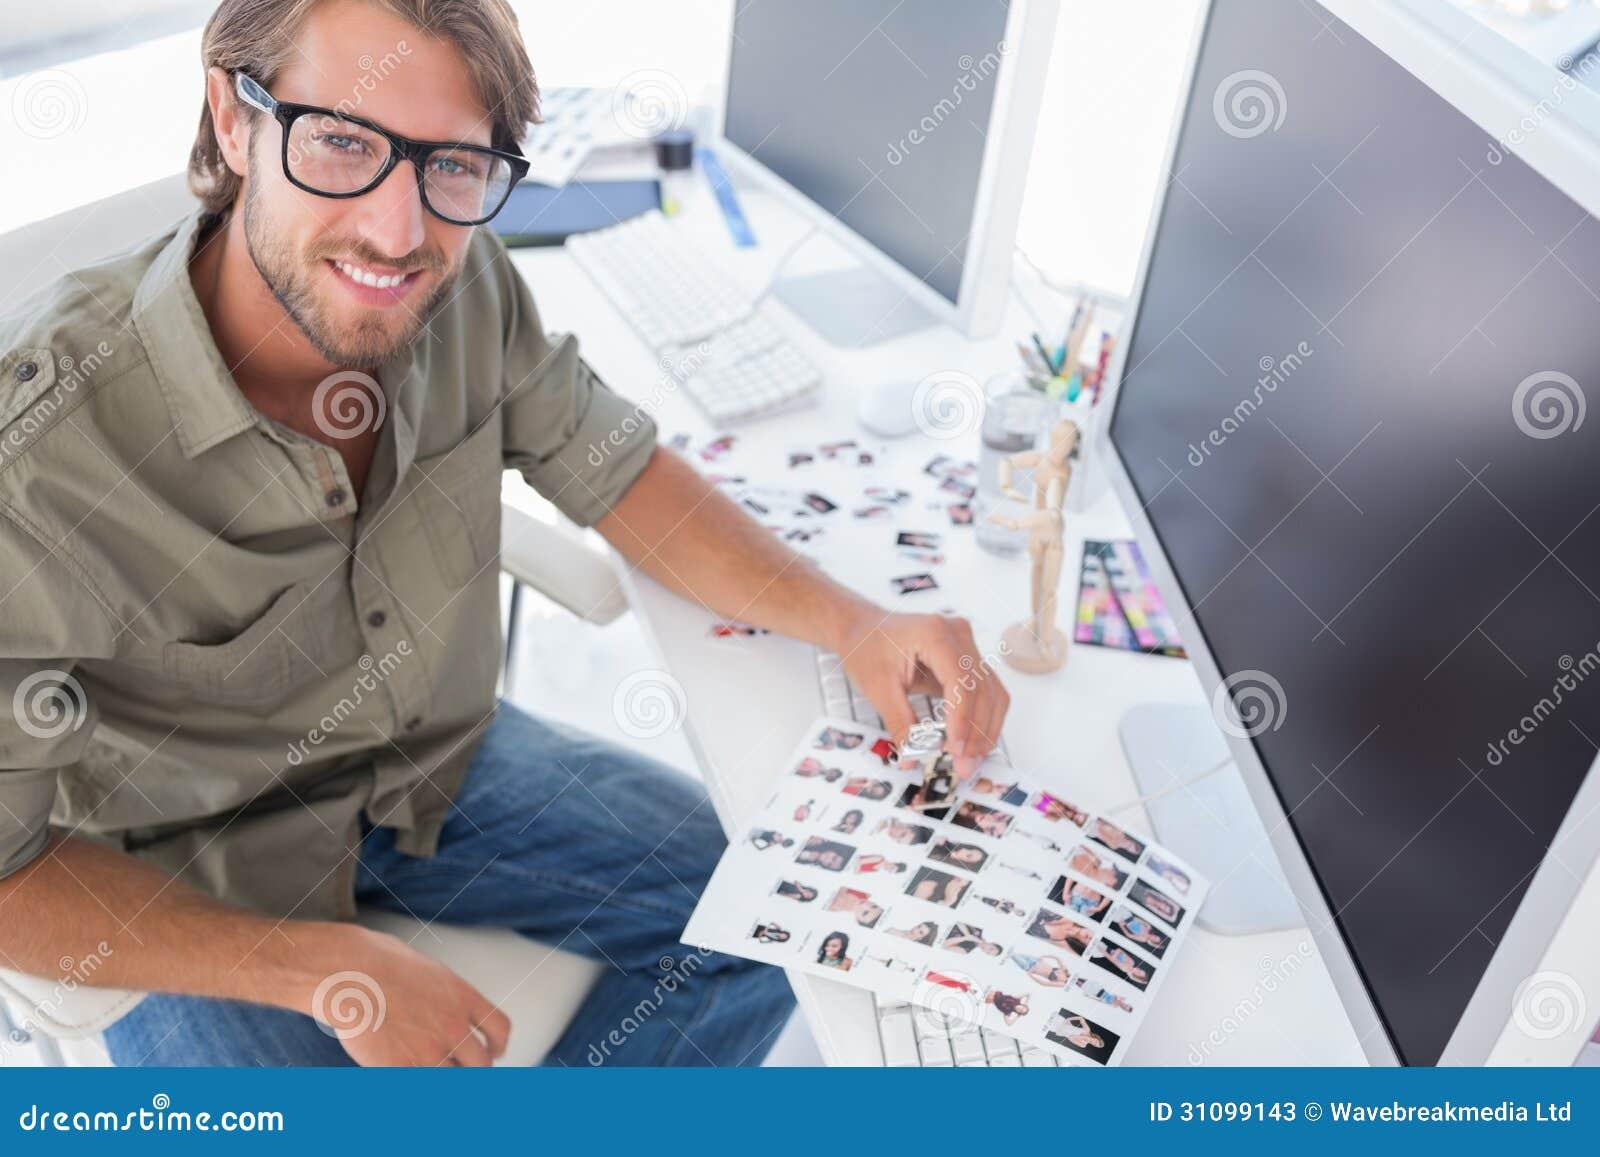 Bildeditor der oben von seiner arbeit schreibtisch for Schreibtisch von oben